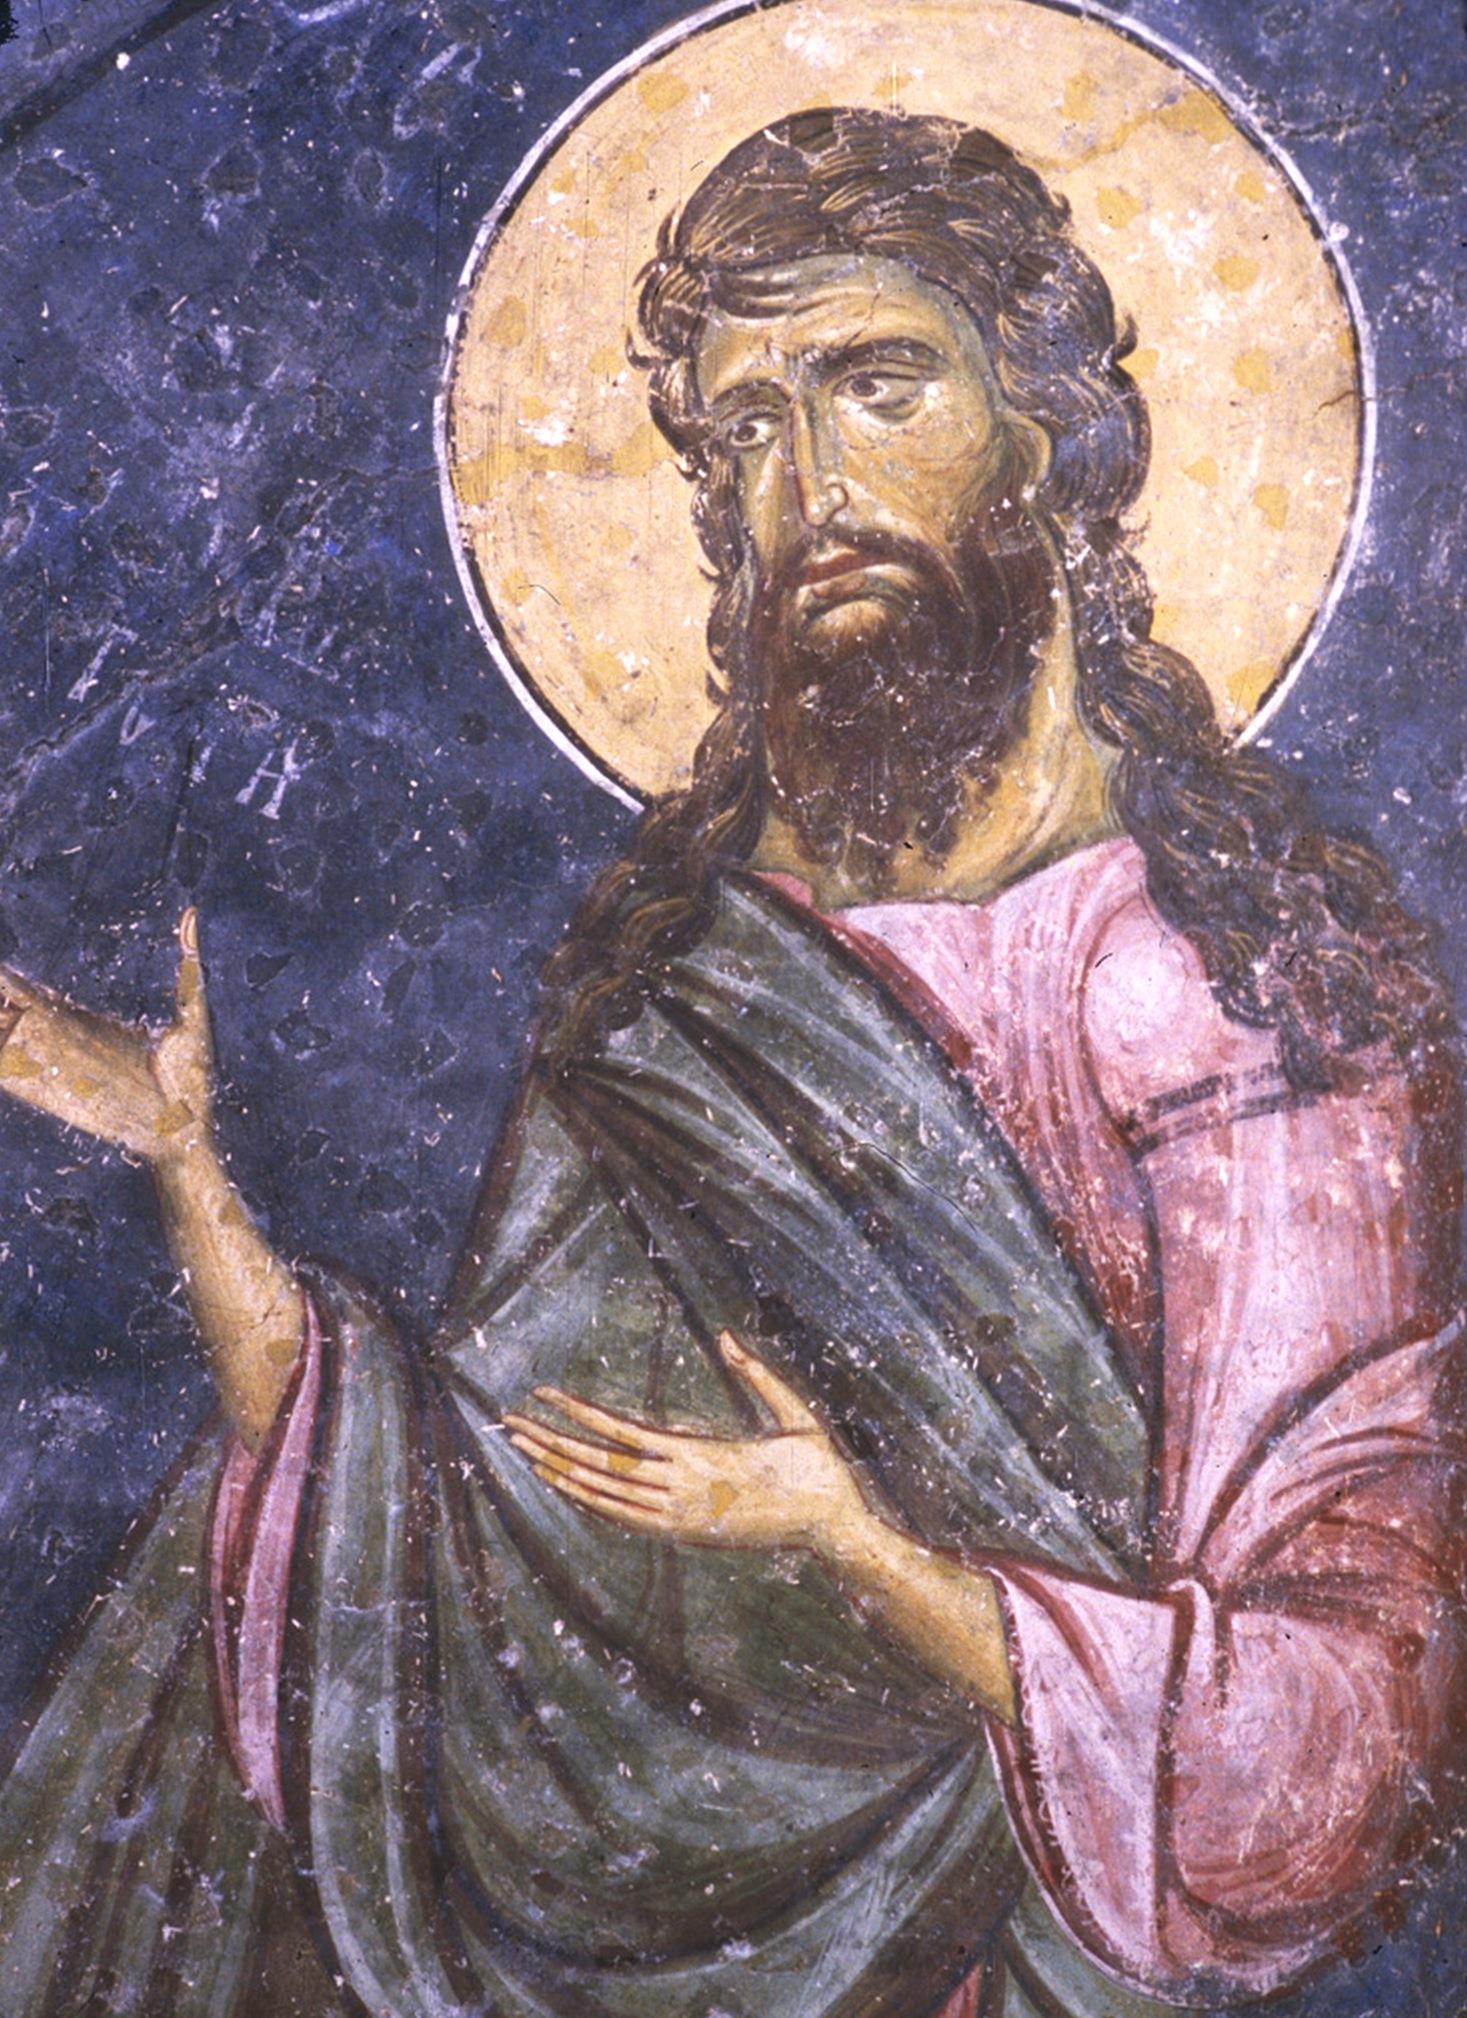 Святой Иоанн Предтеча. Фреска церкви Святых Апостолов в Пече, Косово, Сербия. 1260 - 1263 годы.